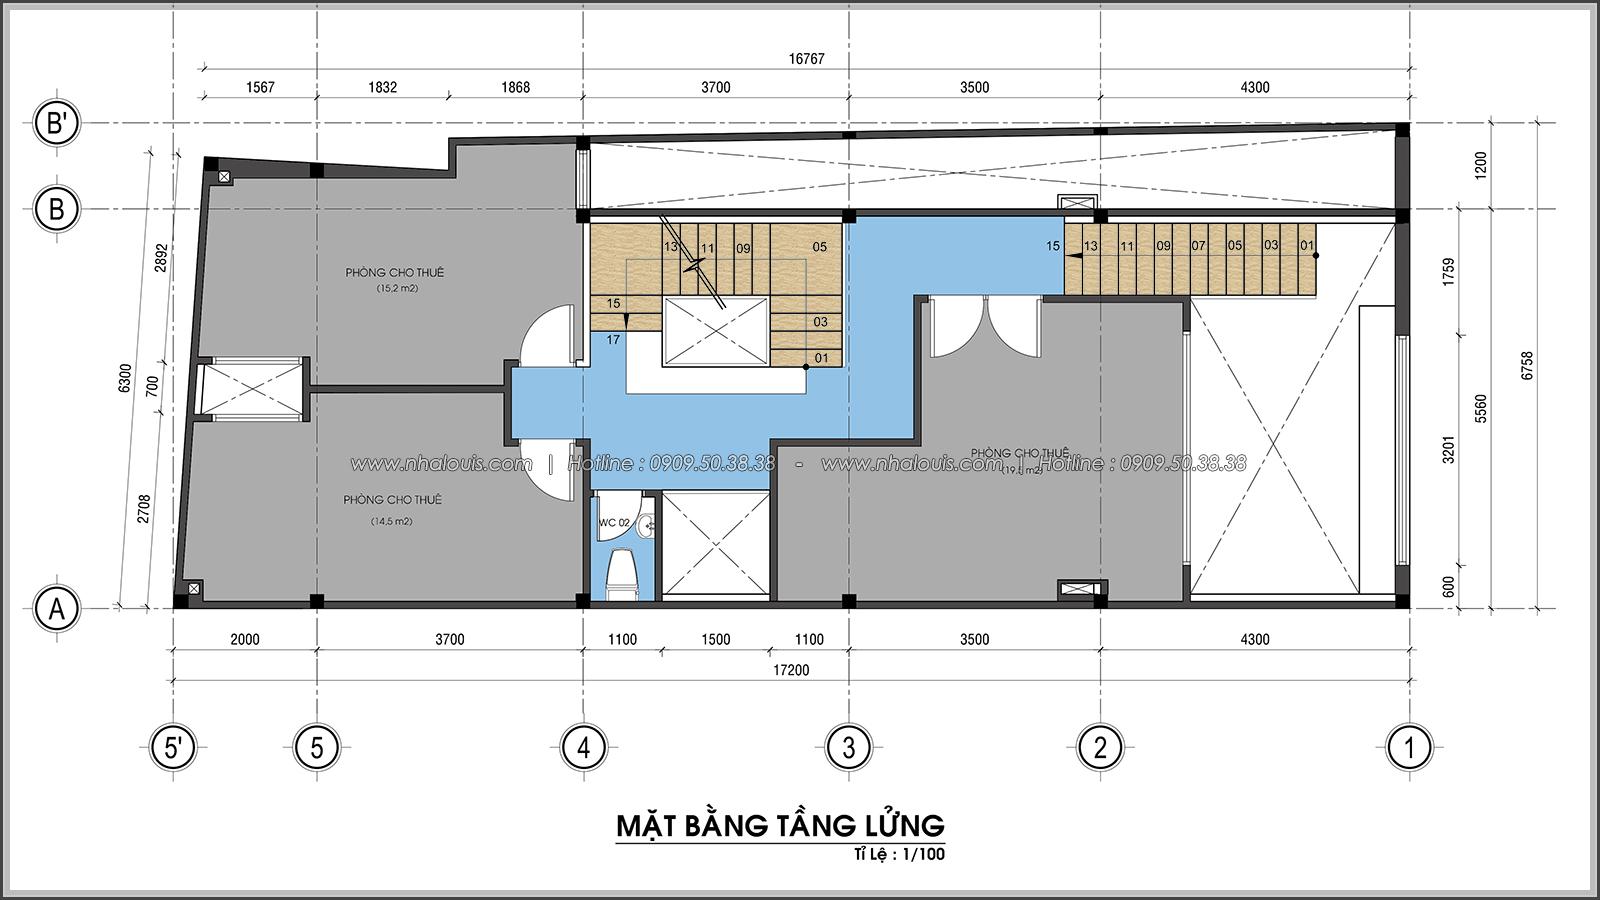 Mặt bằng tầng lửng Thiết kế nhà trọ cho thuê cao cấp tiết kiệm chi phí và hiệu quả tại Tân Bình - 05